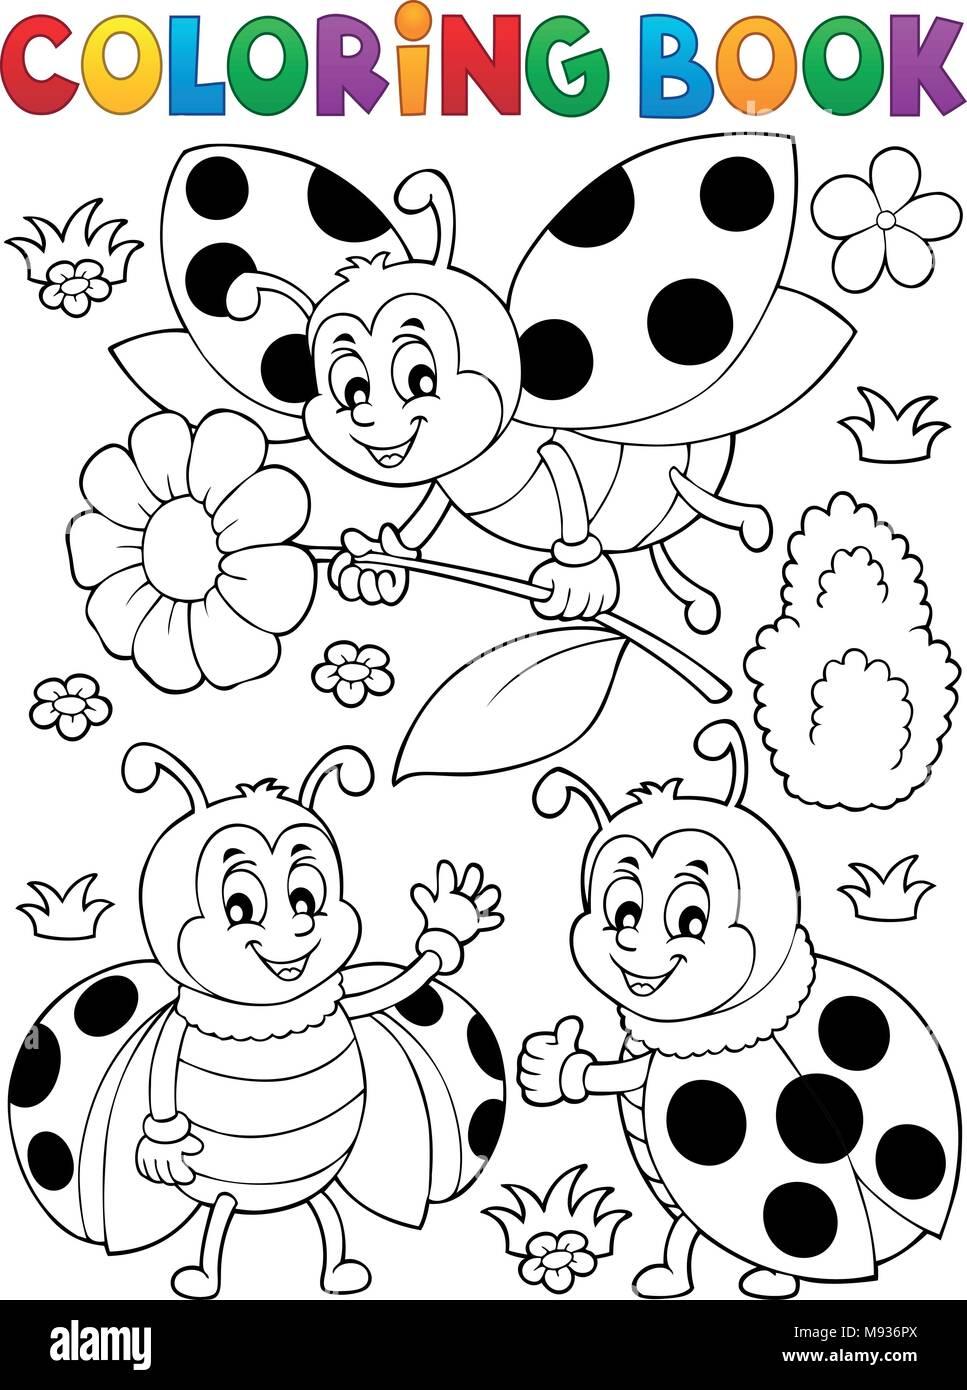 Coloriage Coccinelle.Livre De Coloriage Coccinelle Theme 7 Eps10 Vector Illustration